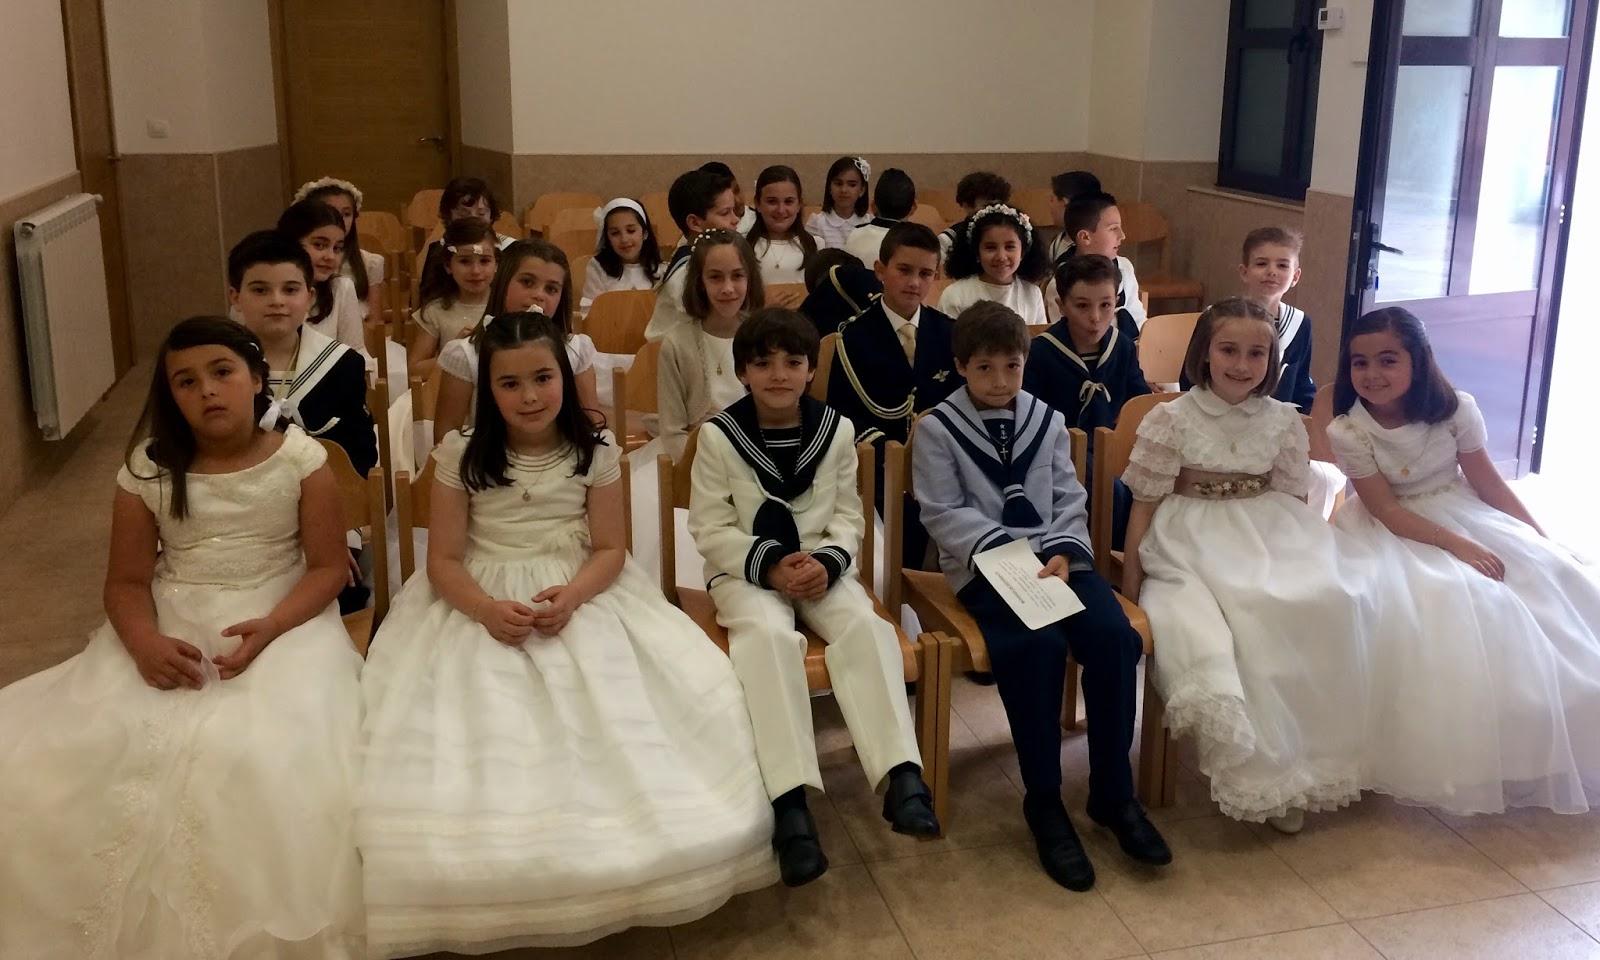 42c24ff8bbc La iglesia parroquial Santa María Magdalena de Ribadesella acogió este  domingo la ceremonia de Primera Comunión de 27 niños y niñas del concejo. El  de hoy ...